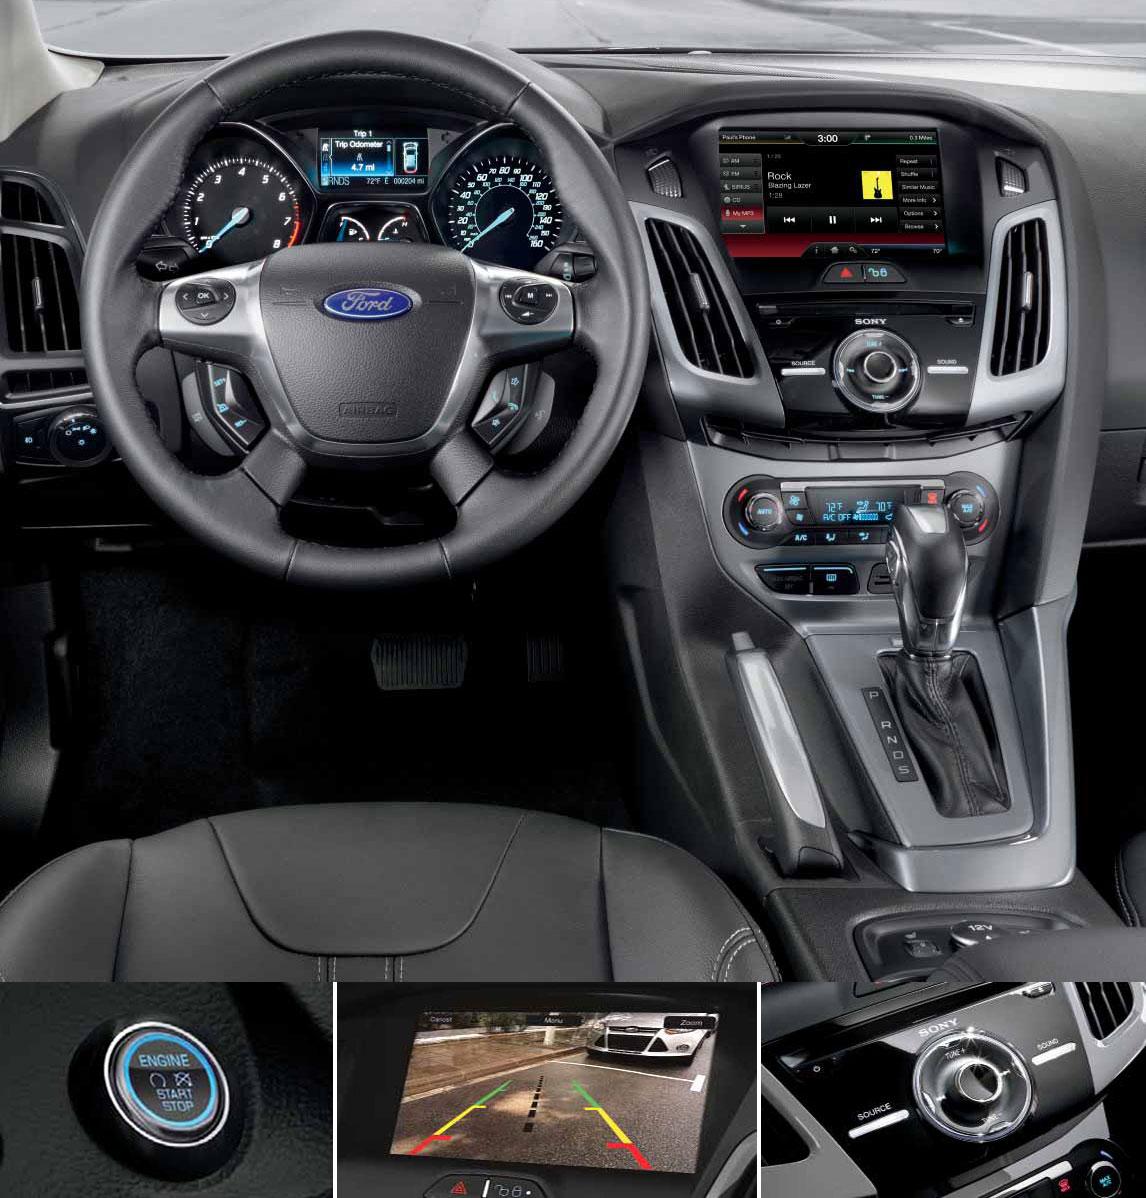 Ford Focus Titanium 2013 Interior Ford Focus Review